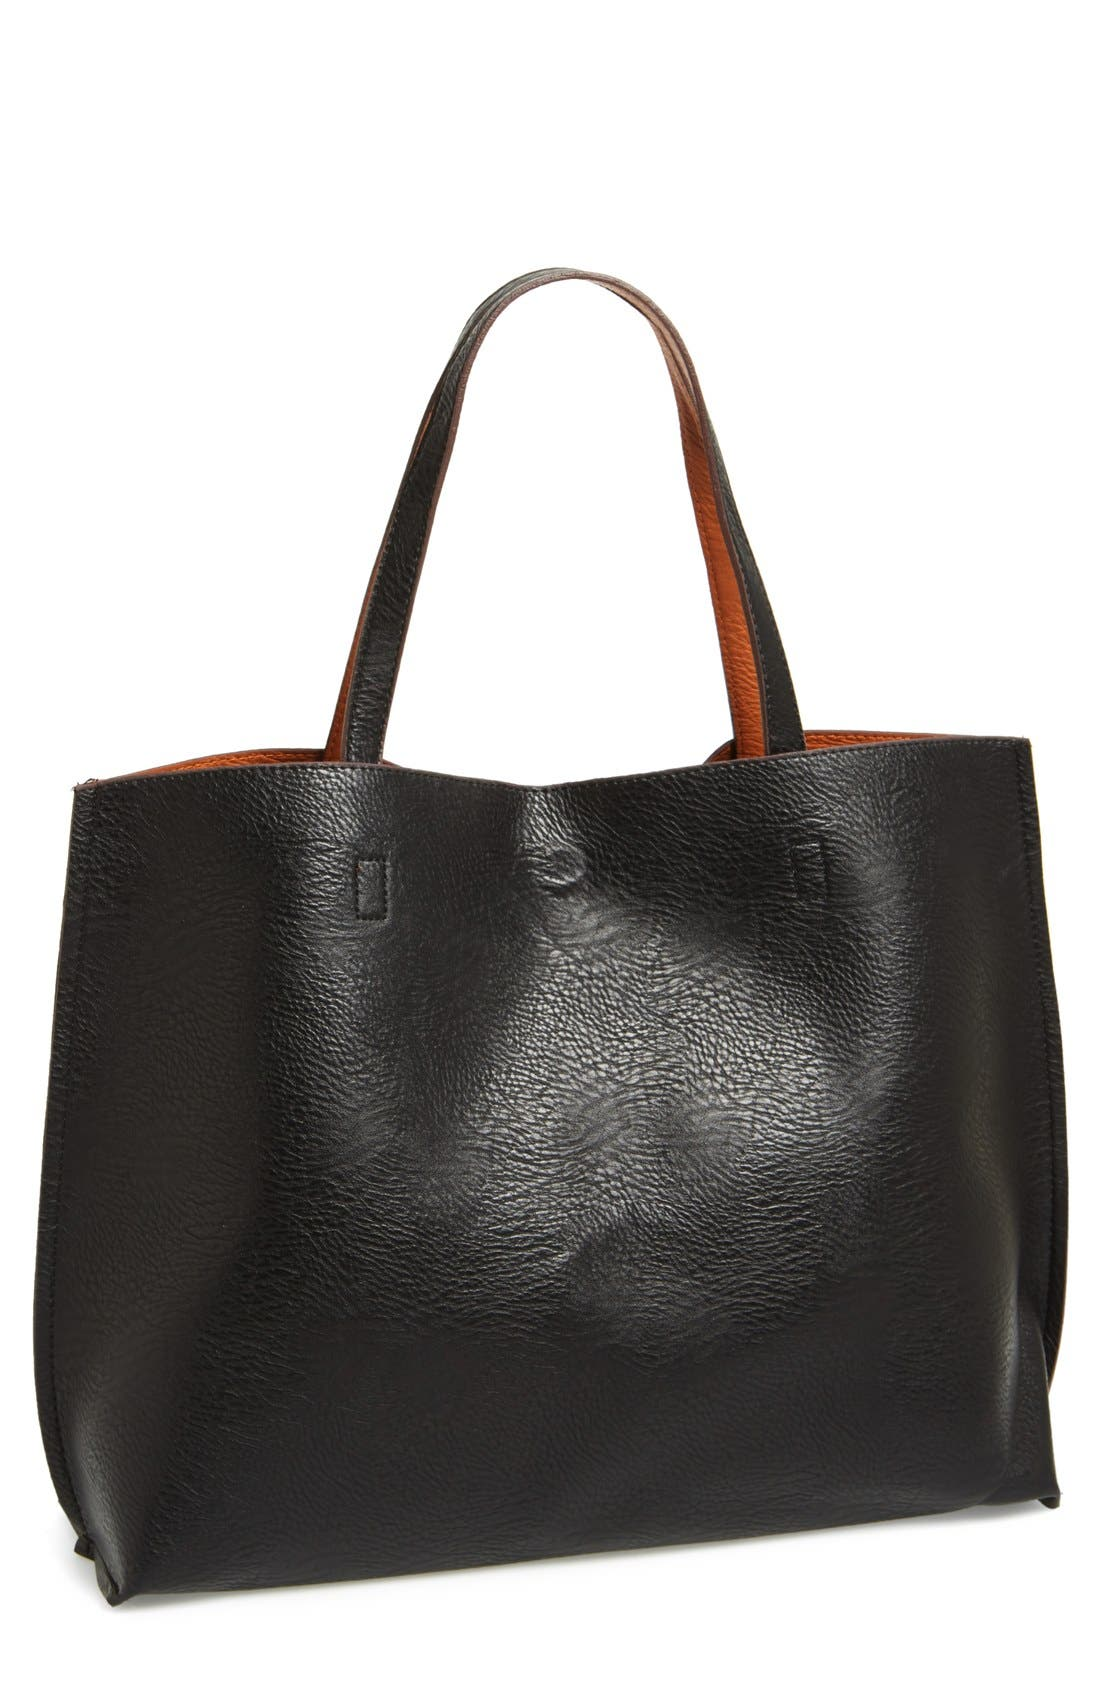 STREET LEVEL, Reversible Faux Leather Tote & Wristlet, Alternate thumbnail 7, color, BLACK/ COGNAC